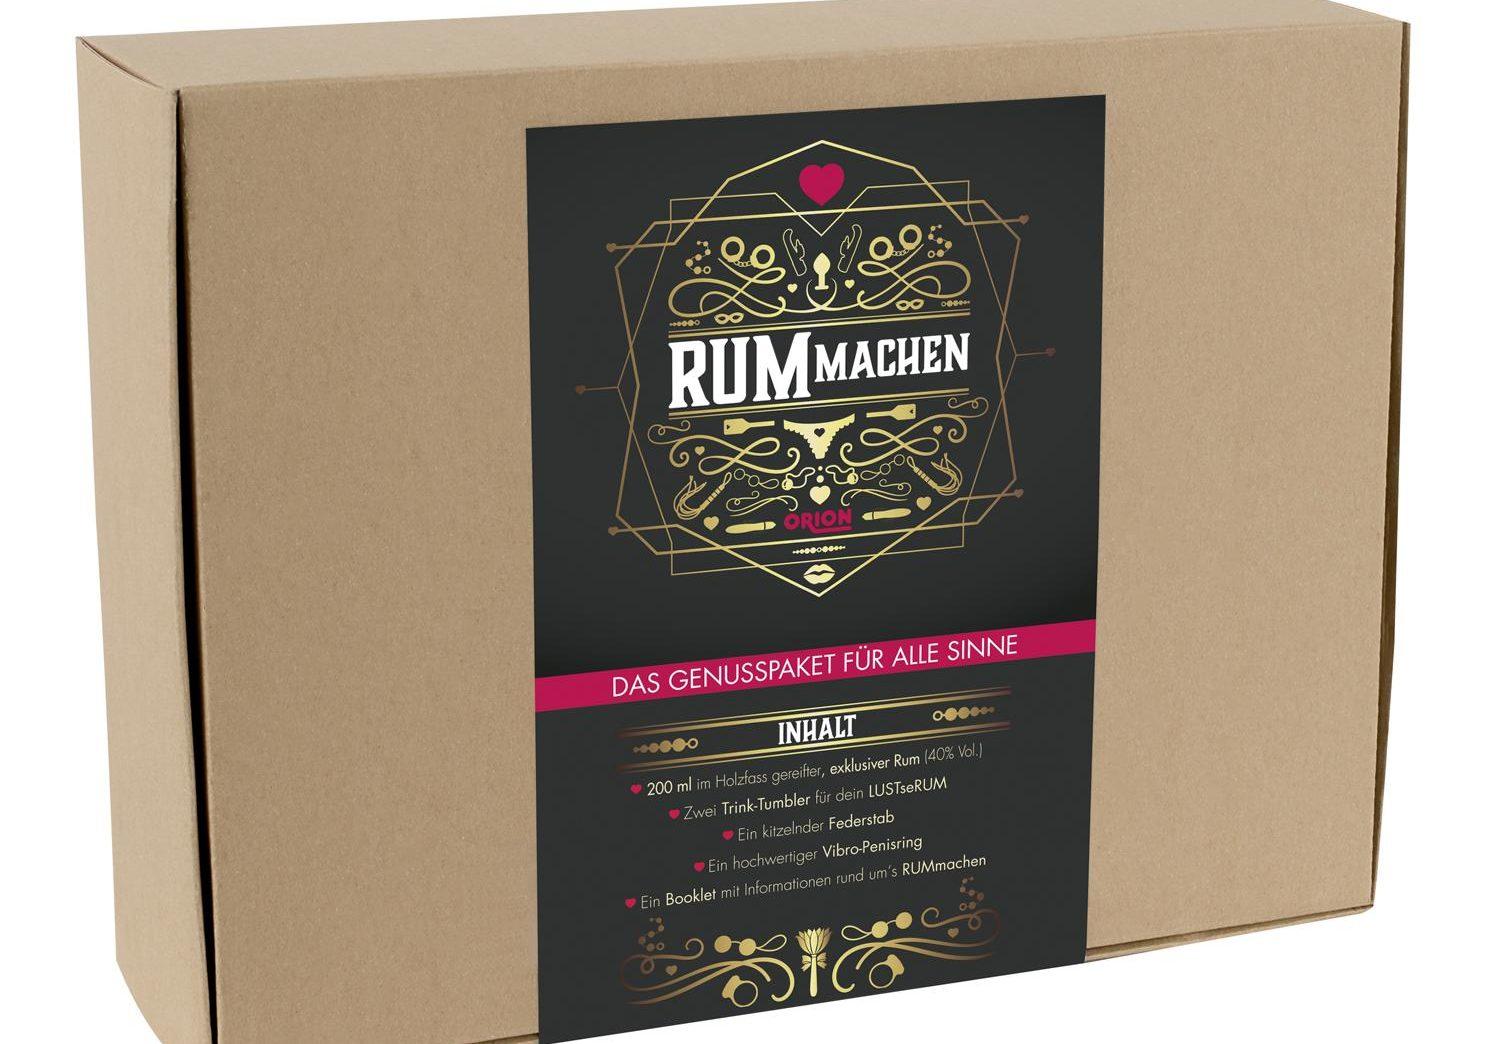 Rum machen